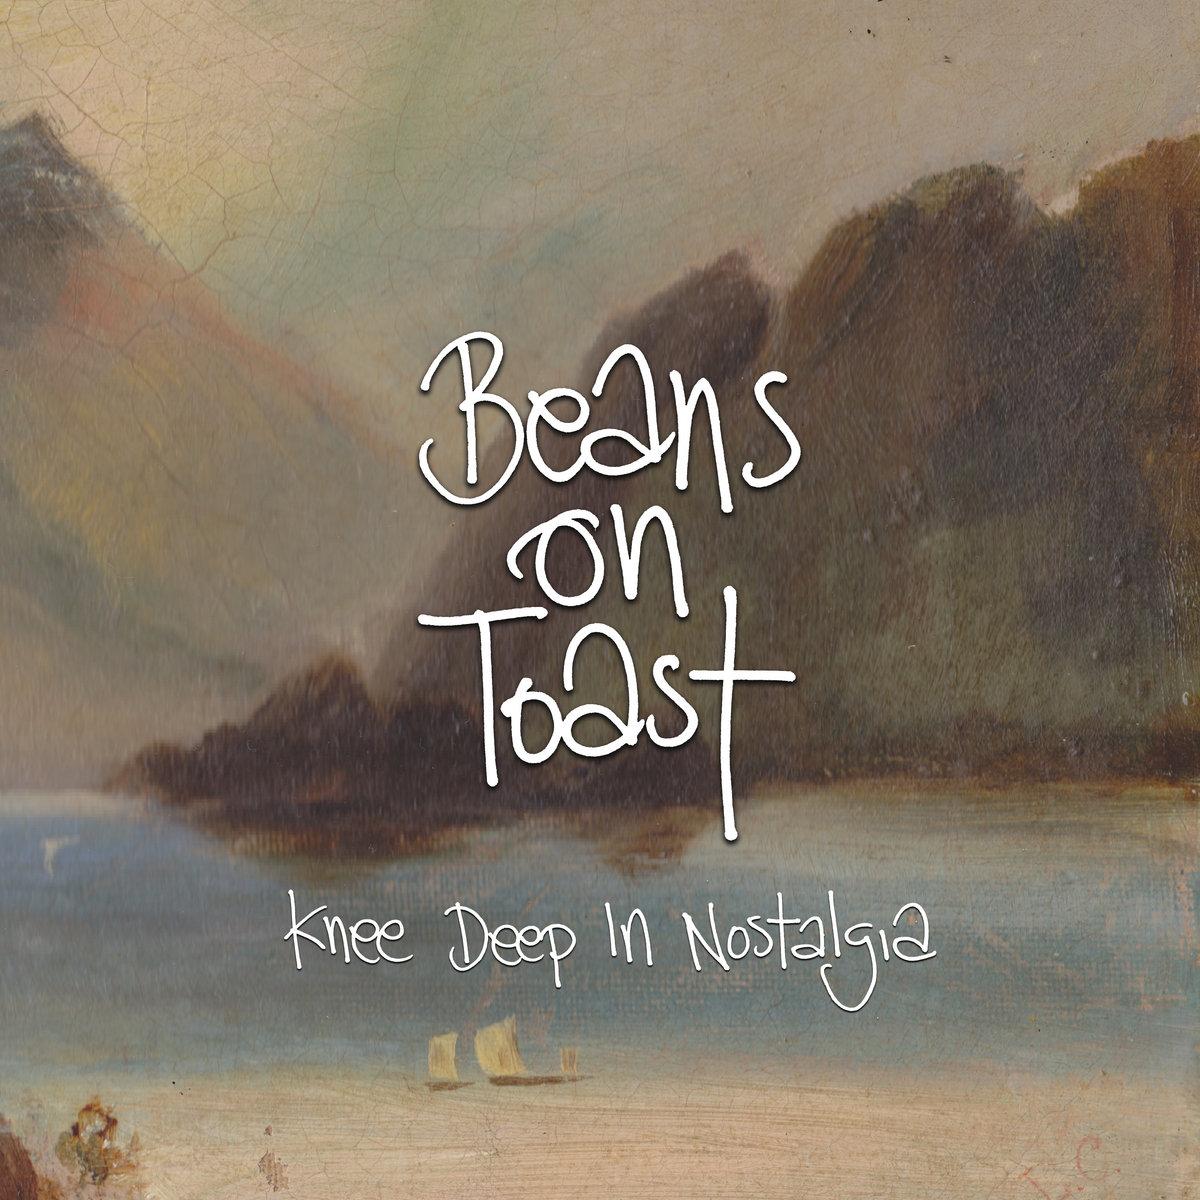 BEANS ON TOAST - KNEE DEEP IN NOSTALGIA album artwork